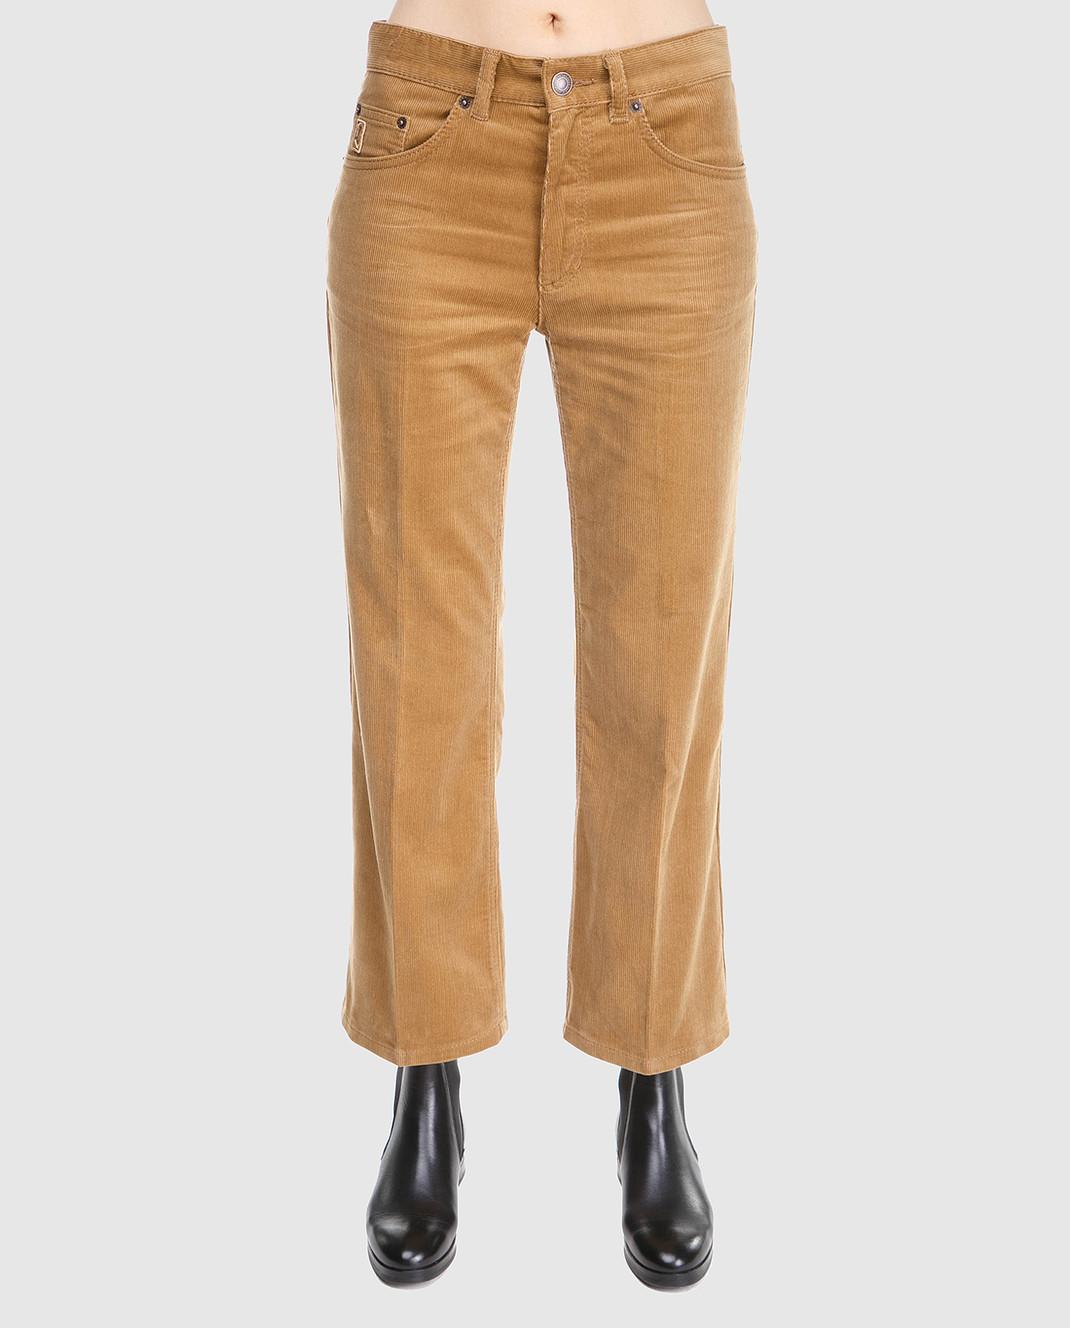 Marc Jacobs Рыжие вельветовые брюки M4007092 изображение 3